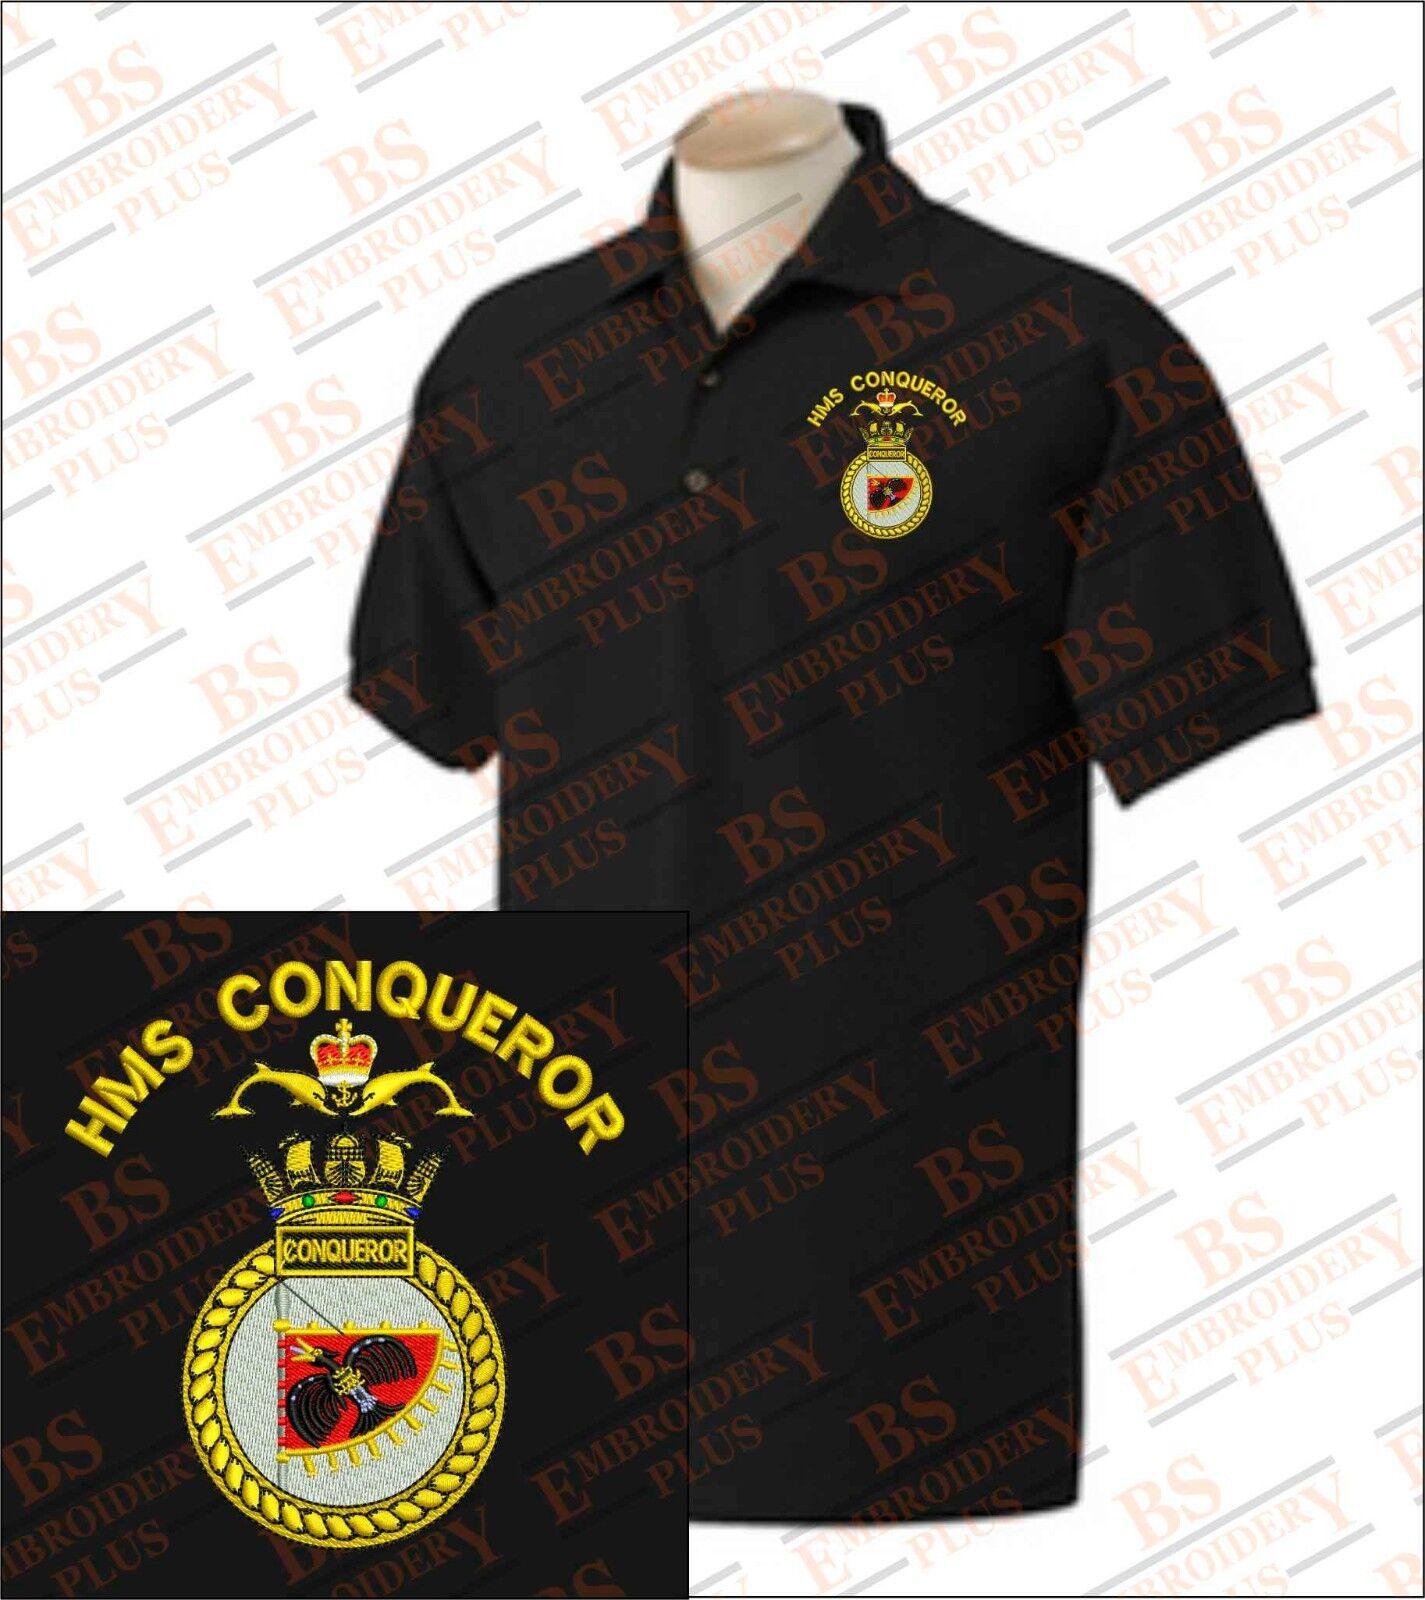 HMS Conqueror Embroidered Polo Shirts